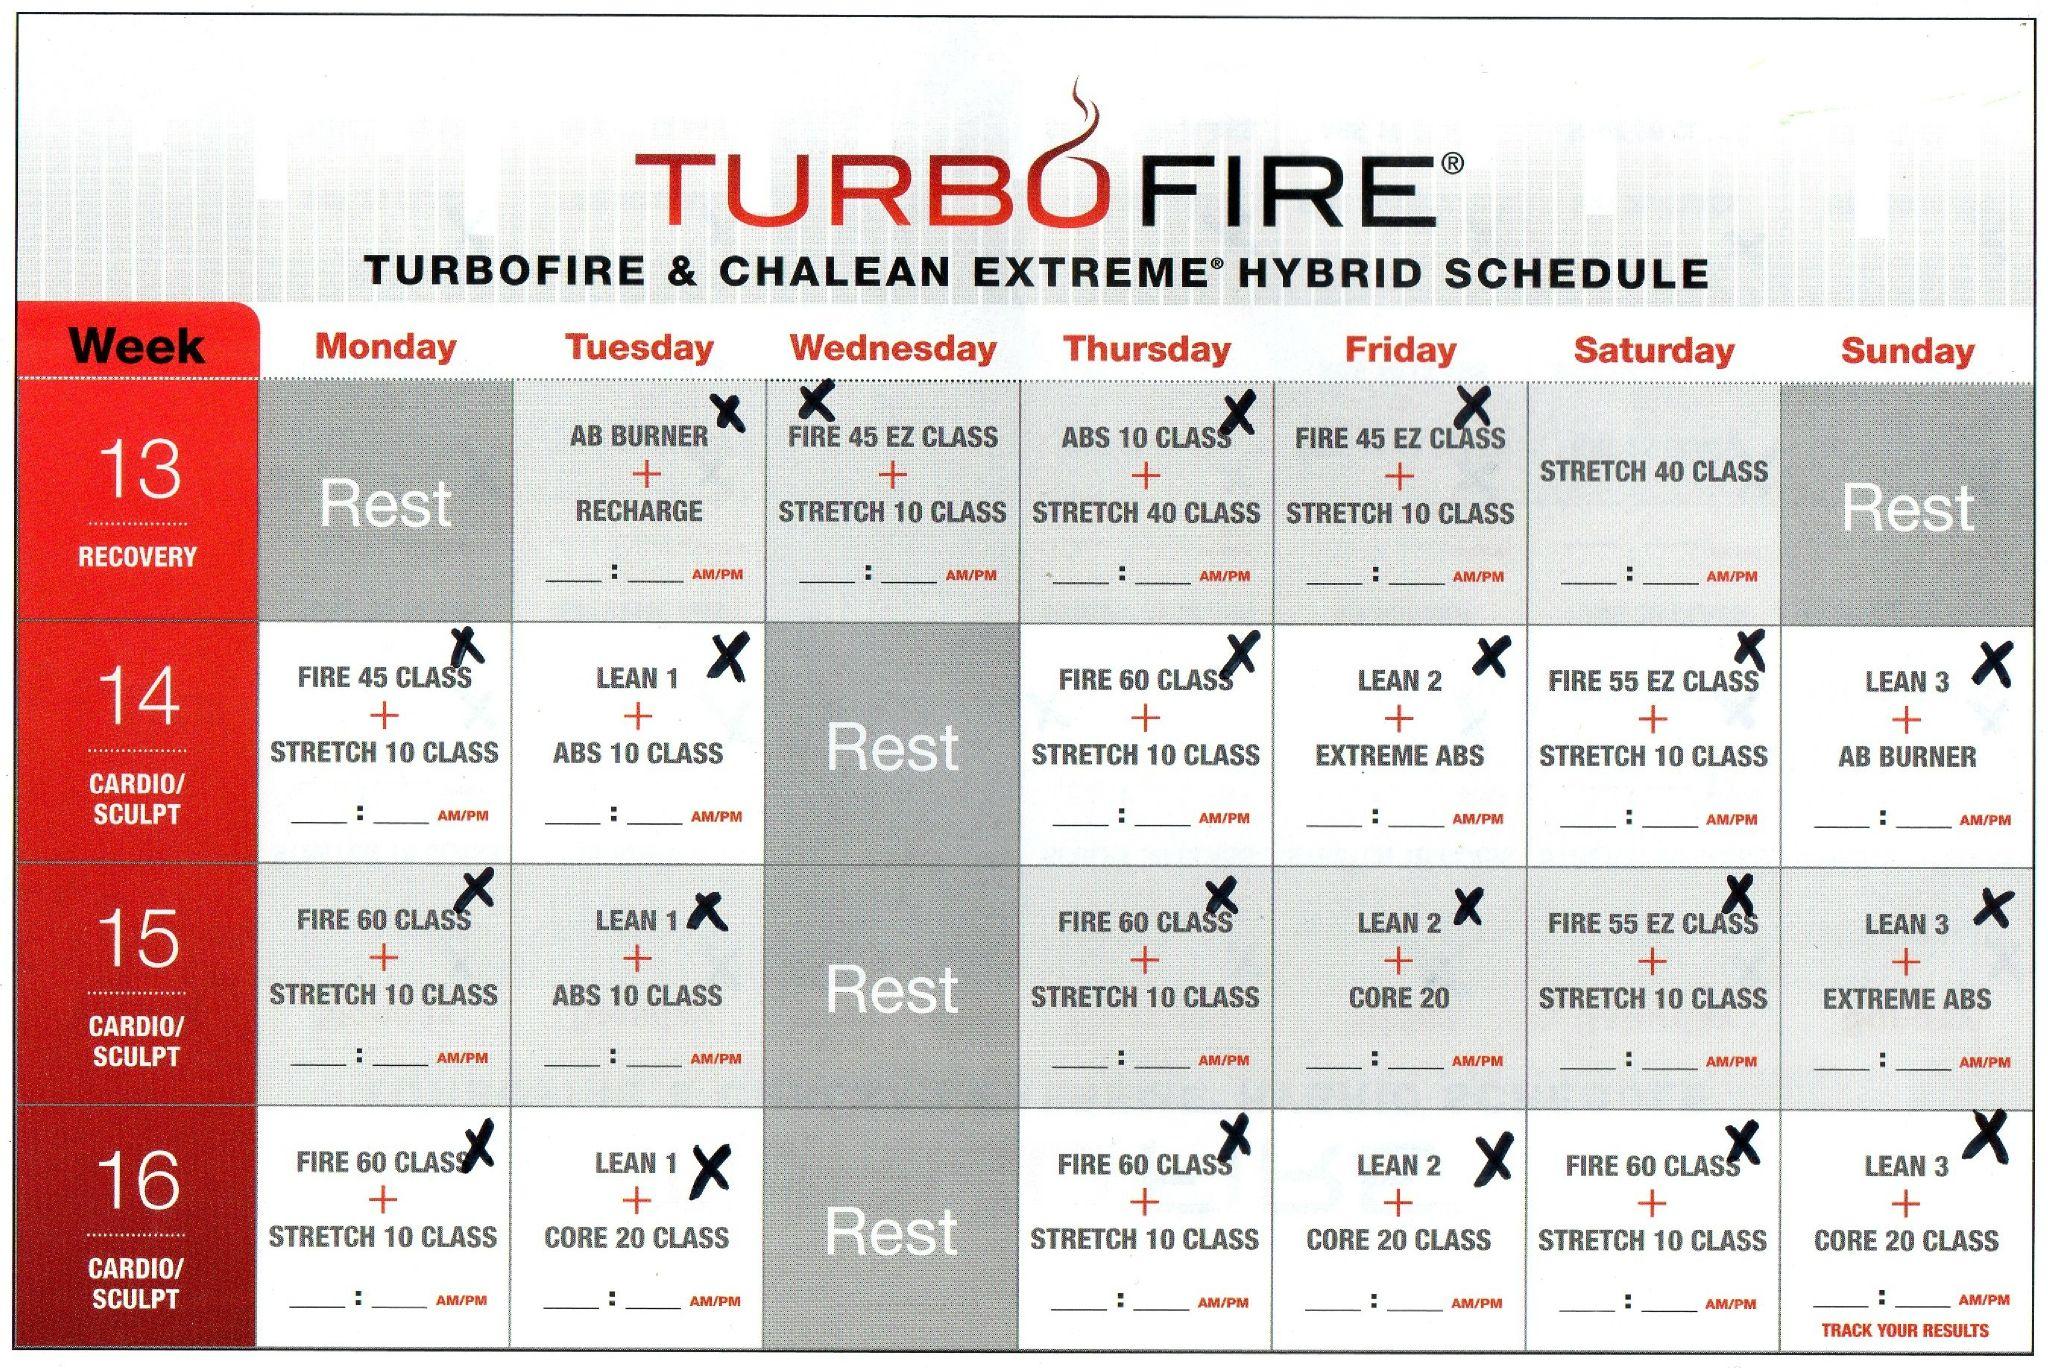 perdre du poids avec turbofire